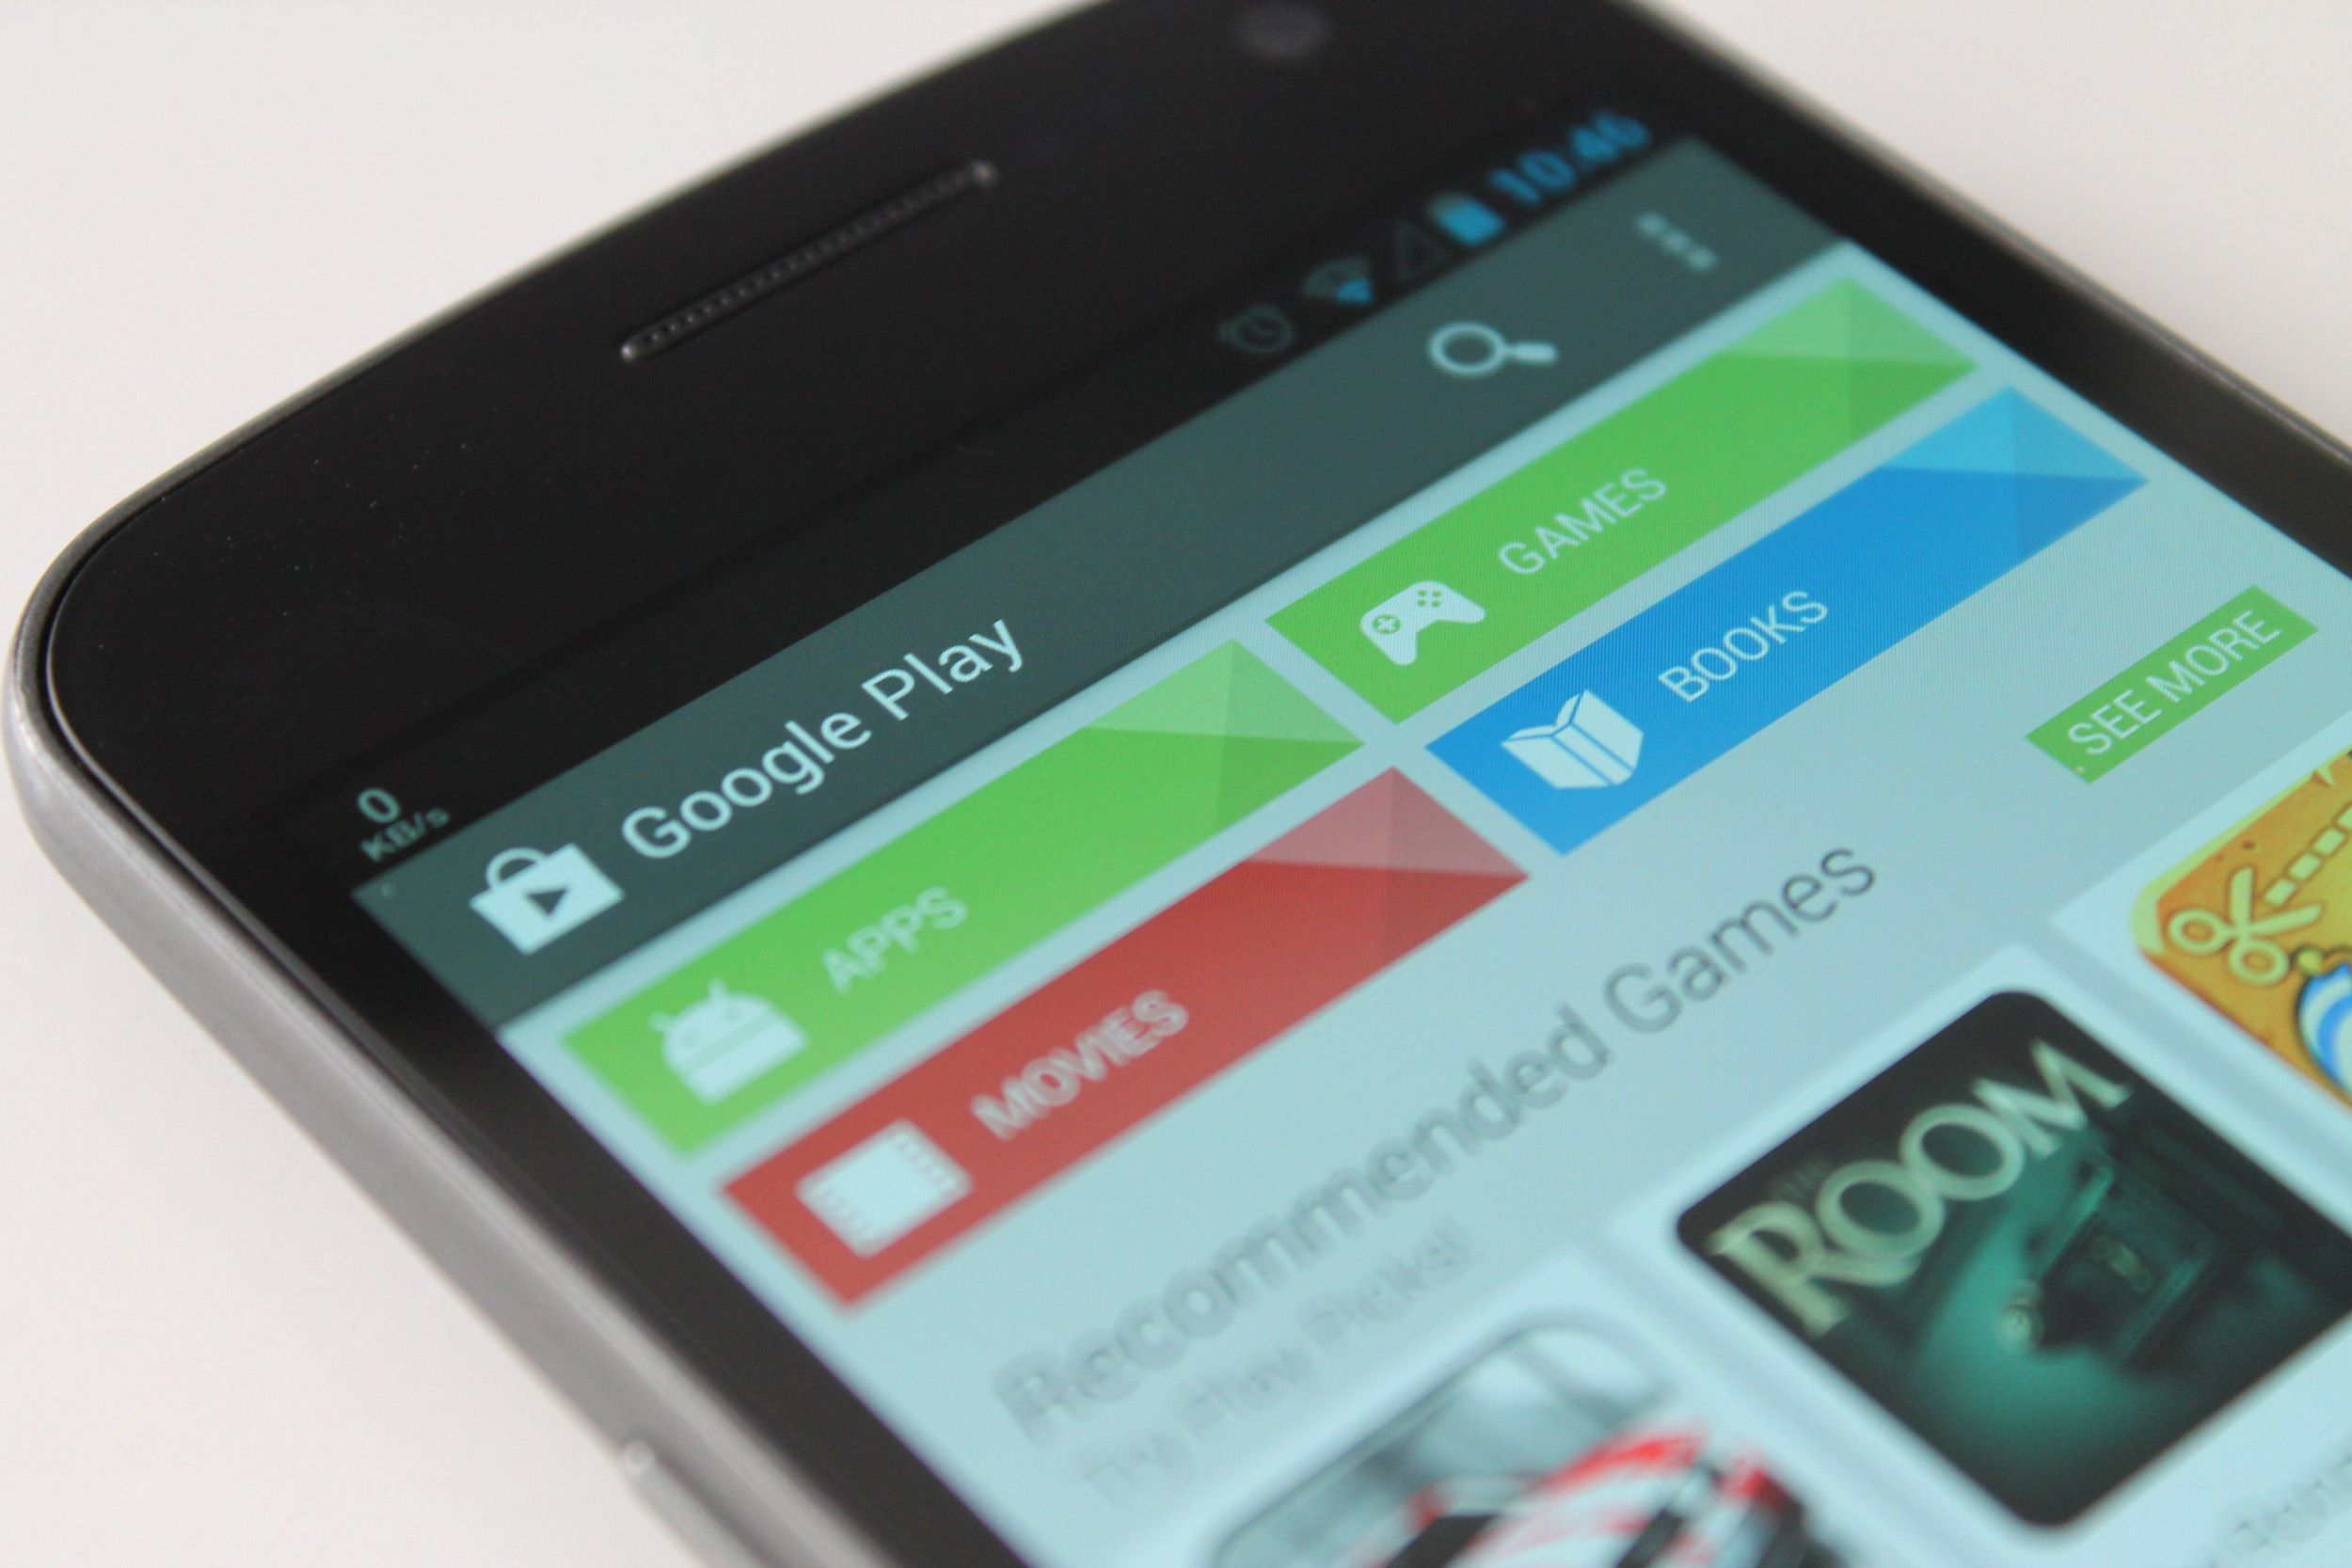 Google Play Store lanza su desinstalador inteligente de apps